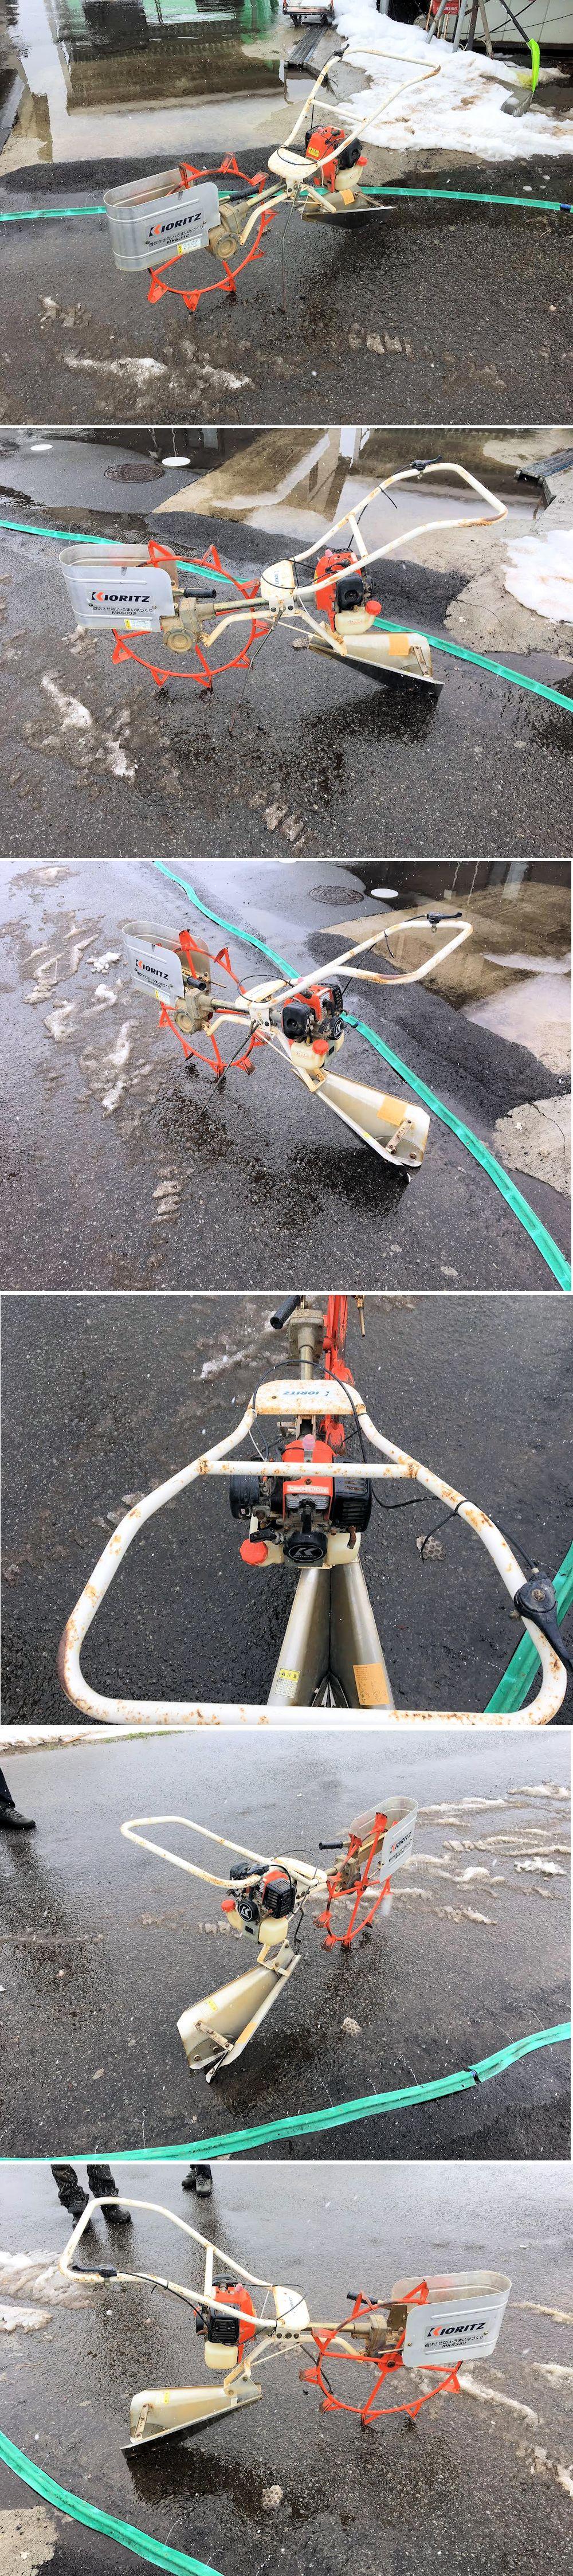 共立 キョーリツ 水田溝切機 培土機 MKS332 実働 整備 中古